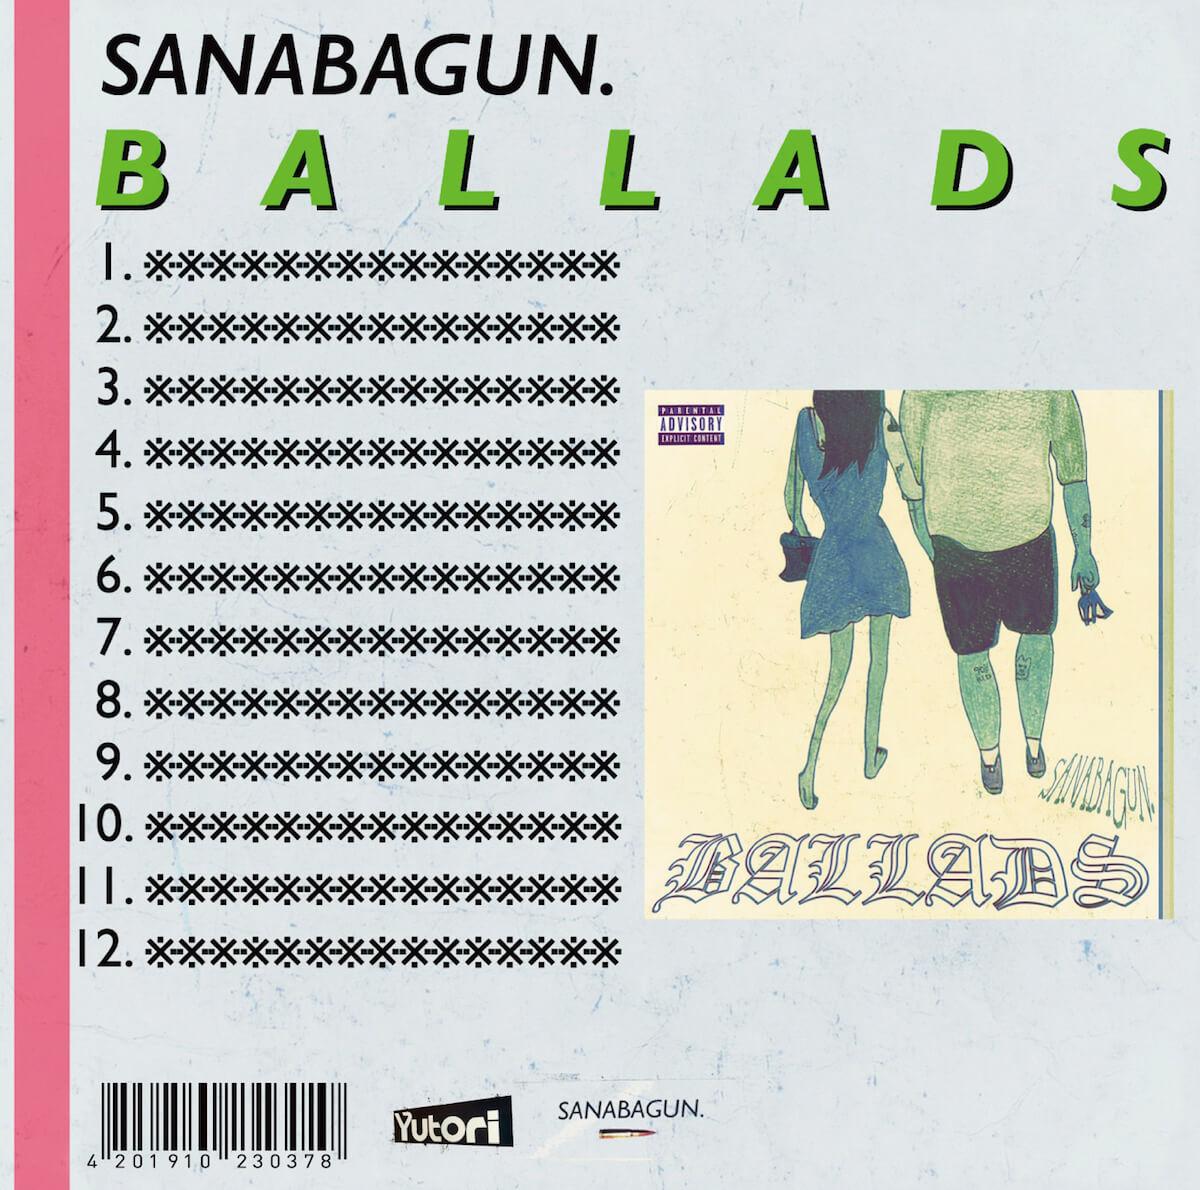 フェスレポート|SANABAGUN.が切り取る<FUJI ROCK FESTIVAL'19> music190828_ballads_sanabagun_jacket